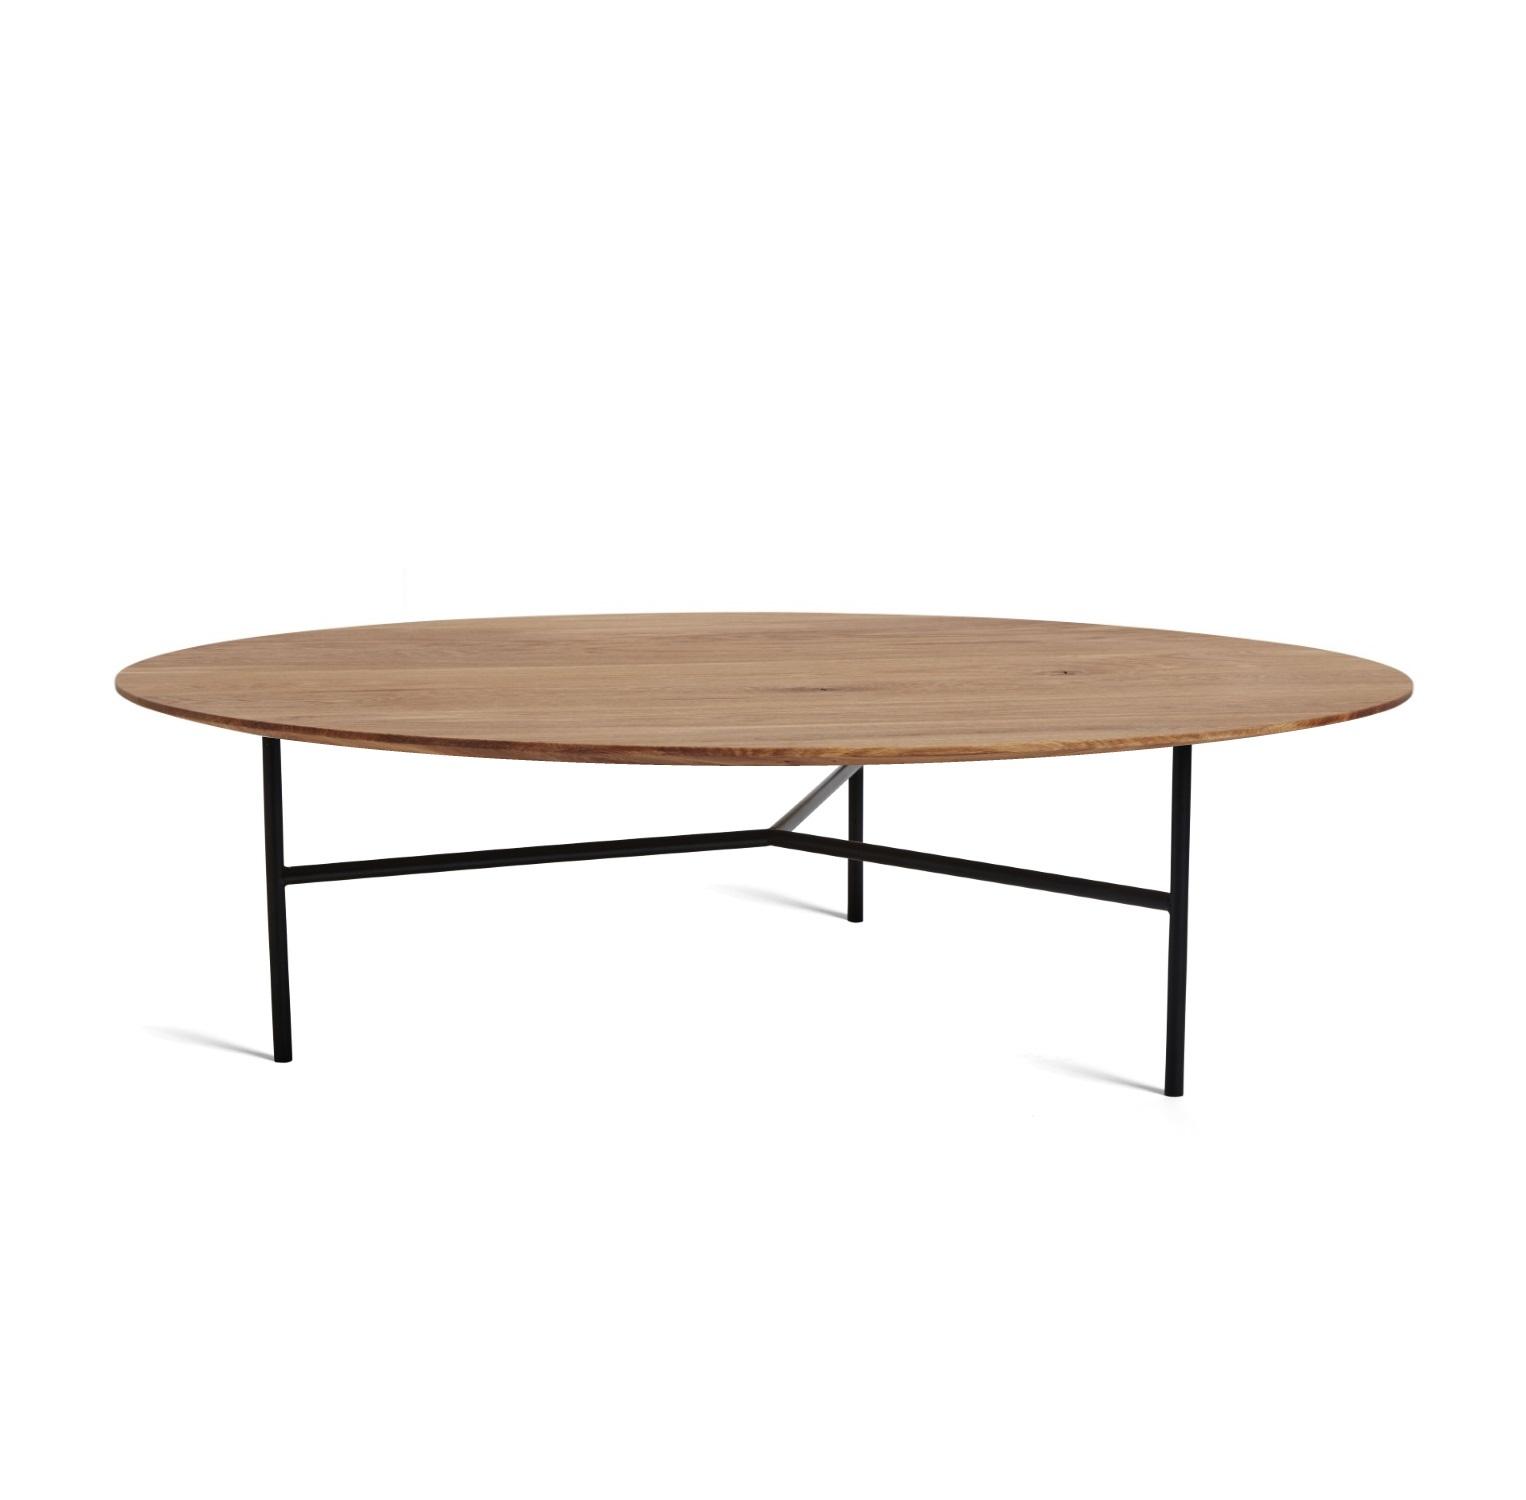 TRIBECA soffbord 110 cm oljad ek / svart, Mavis